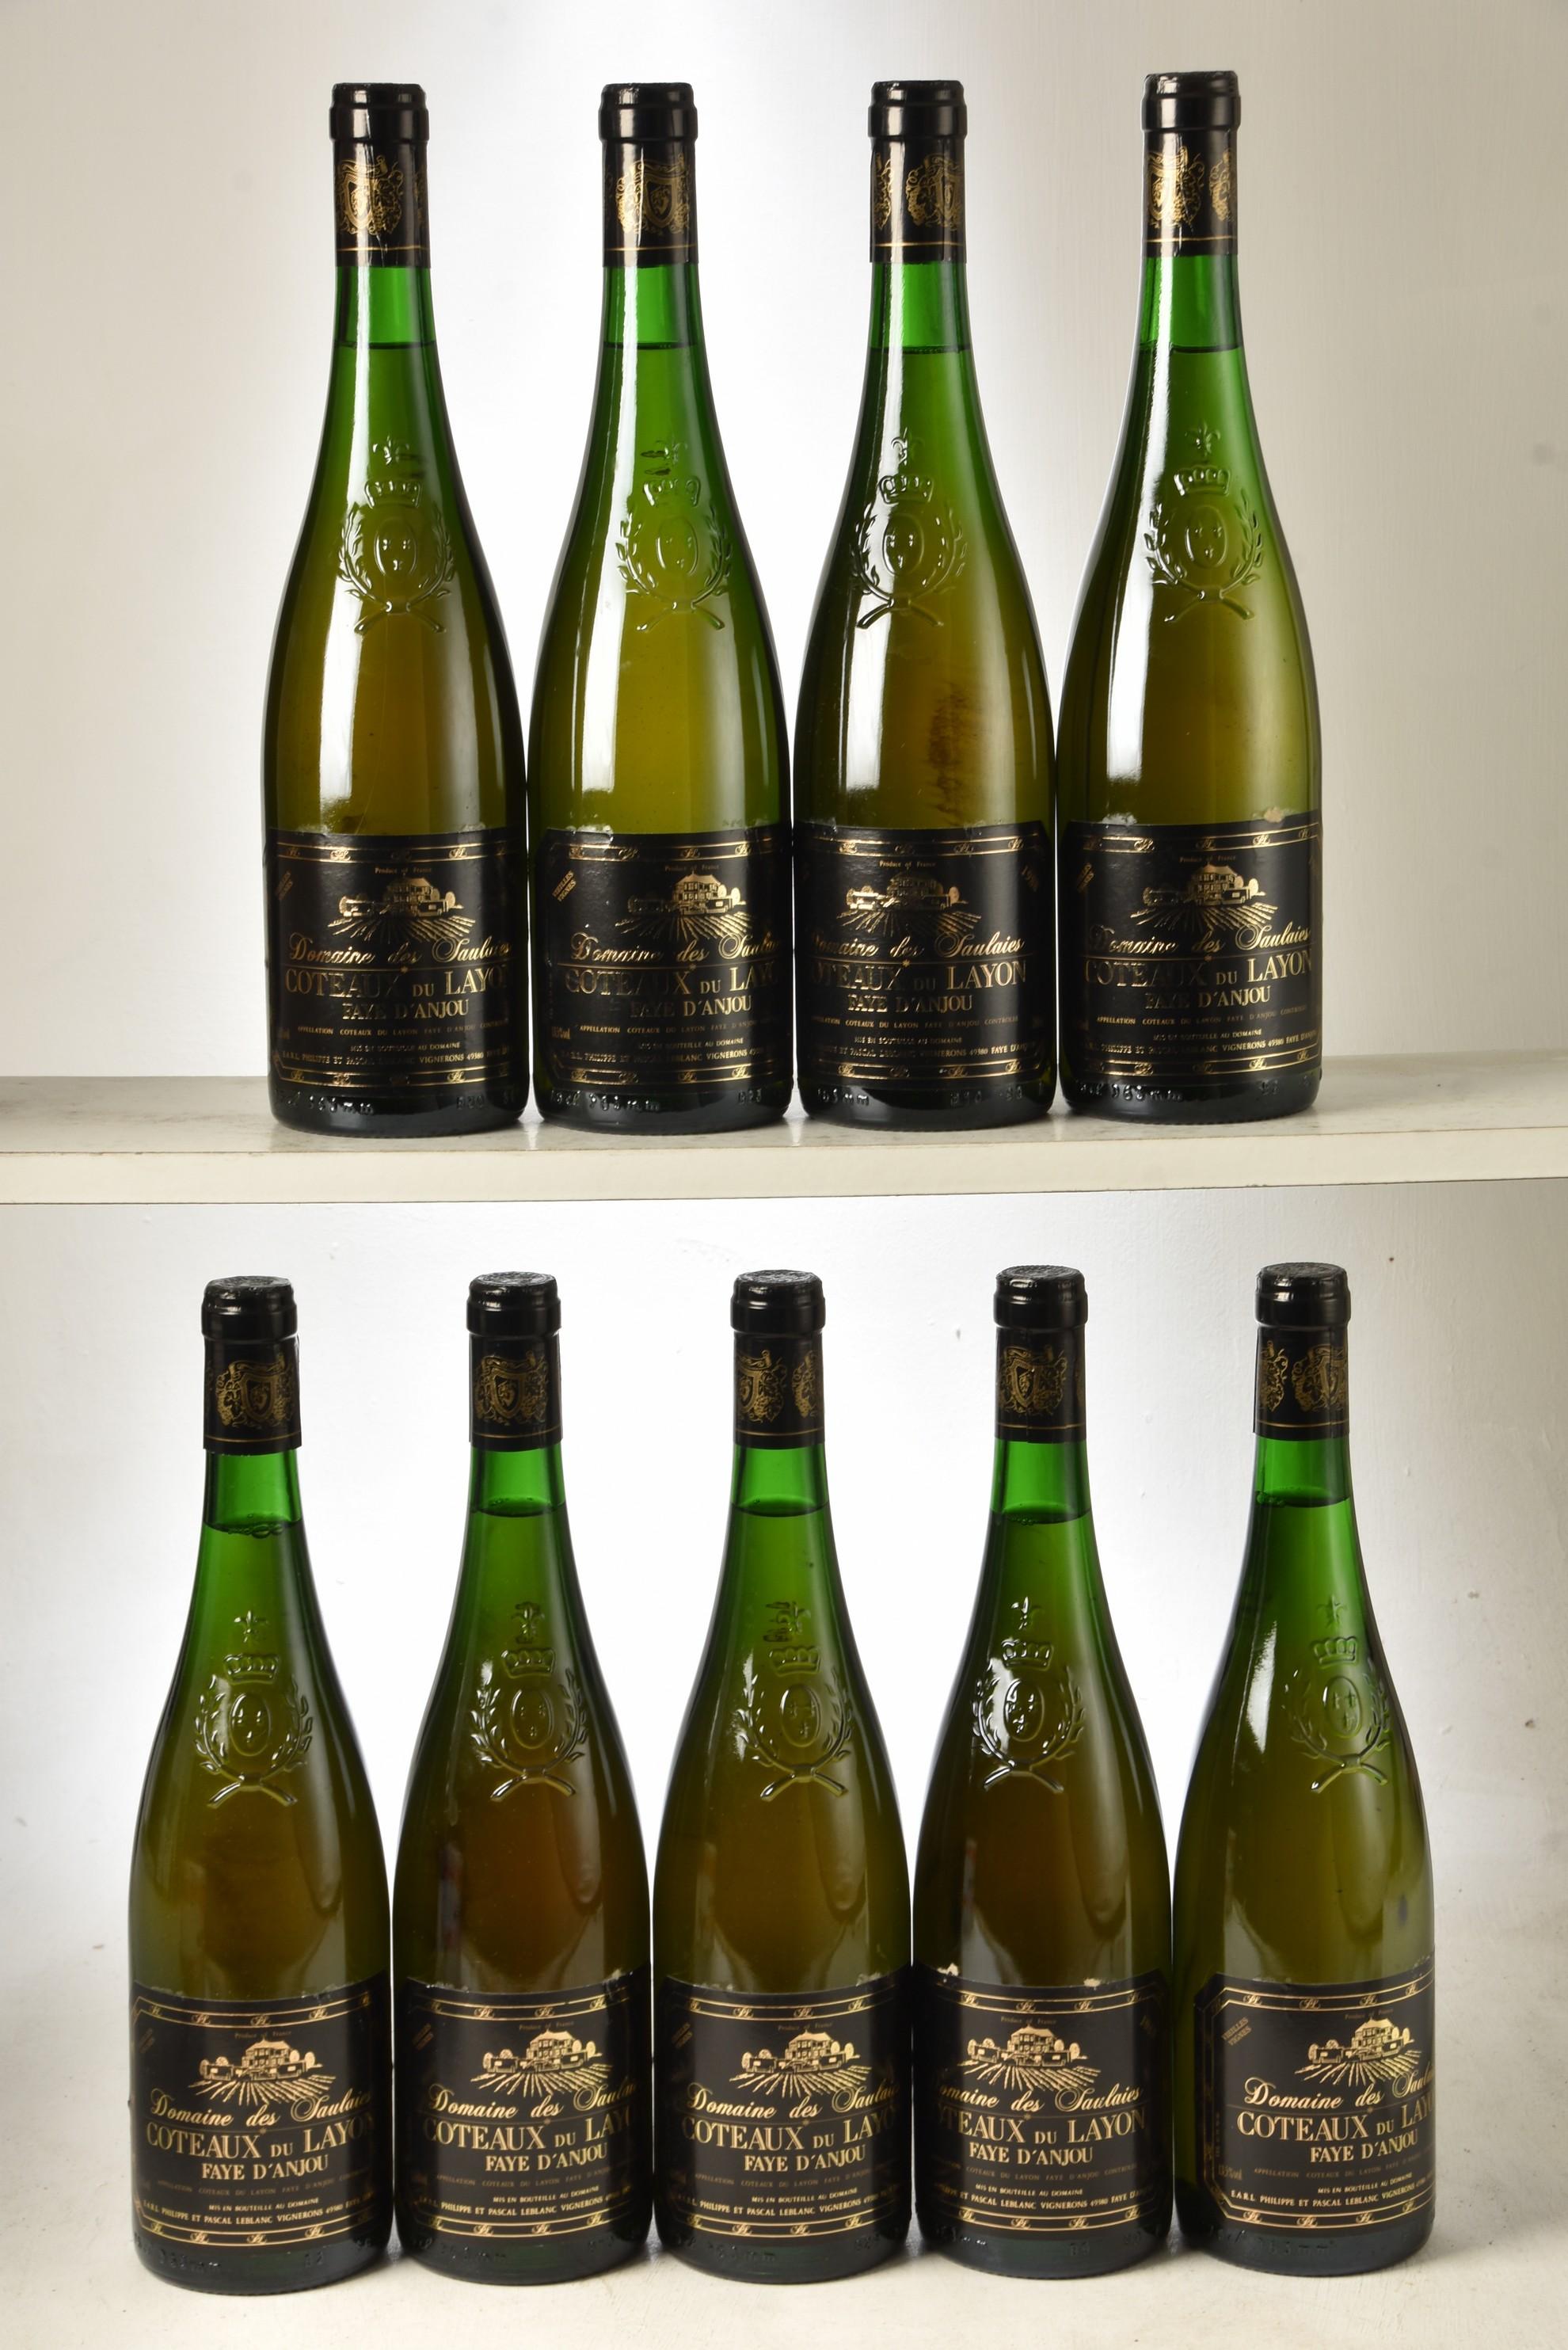 Coteaux Du Layon Vieilles Vignes 1988 Domaine Des Saulaies 9 bts